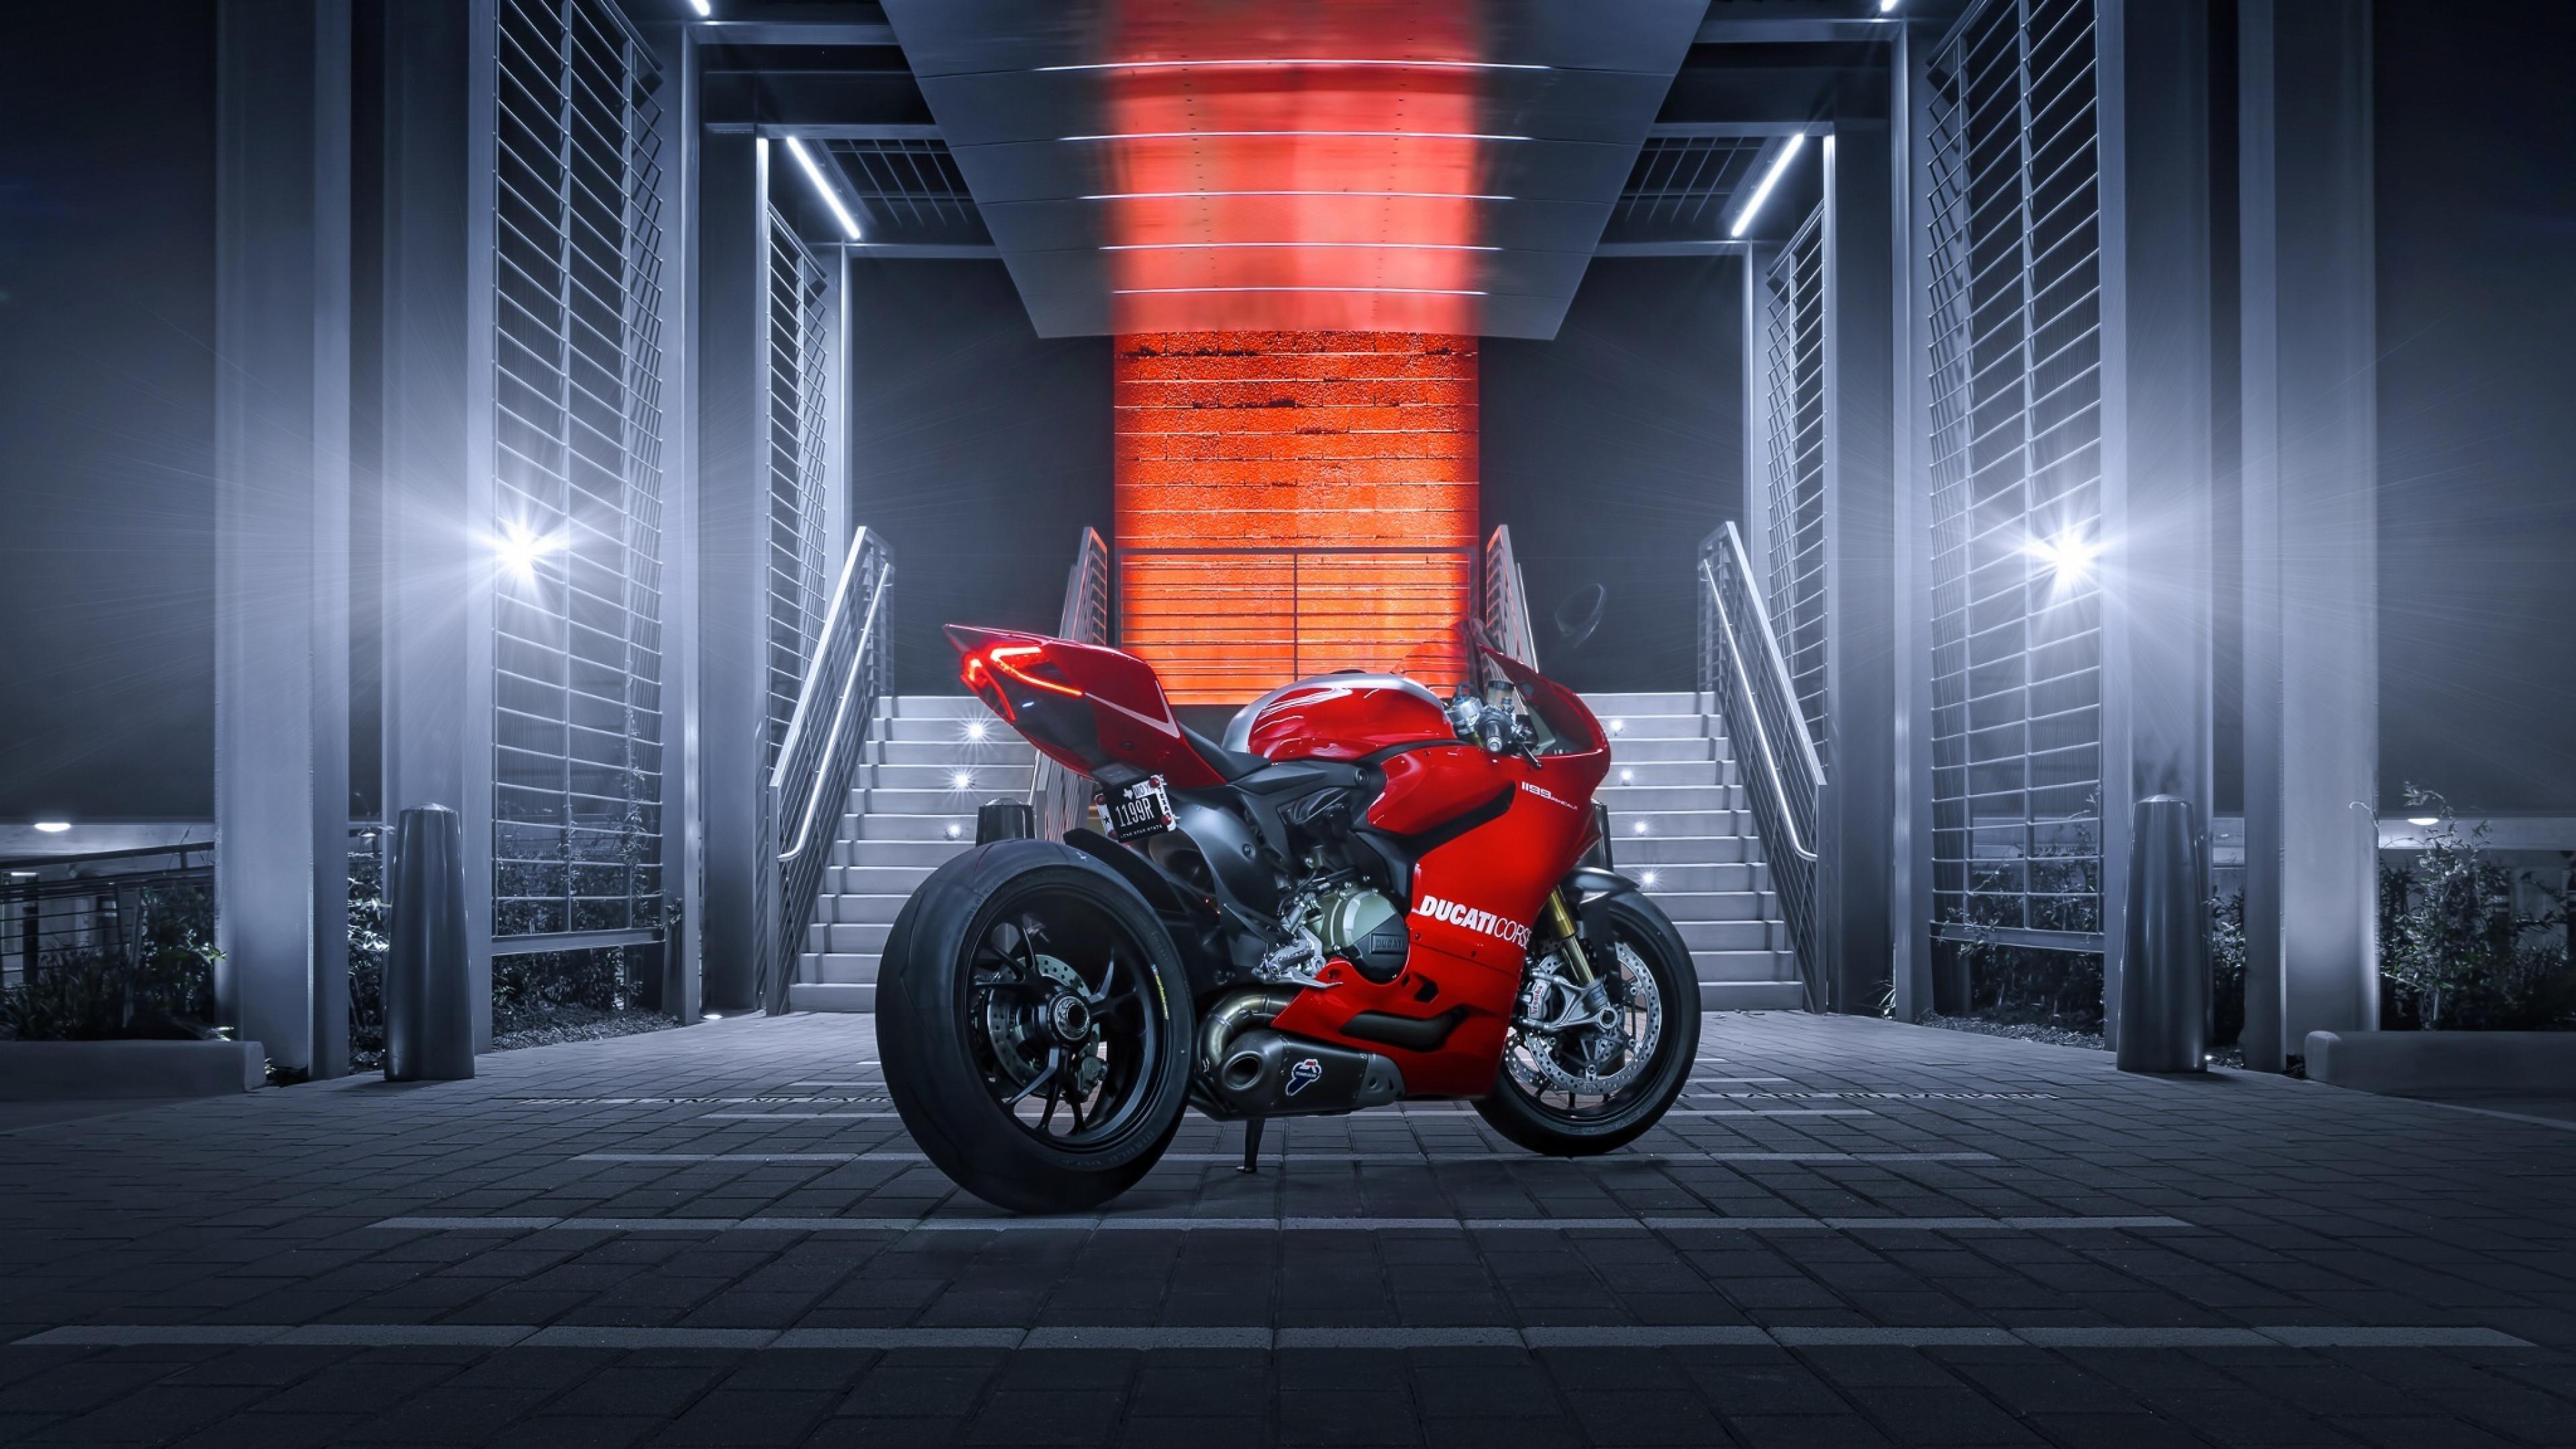 дукати красный мотоцикл в хорошем качестве